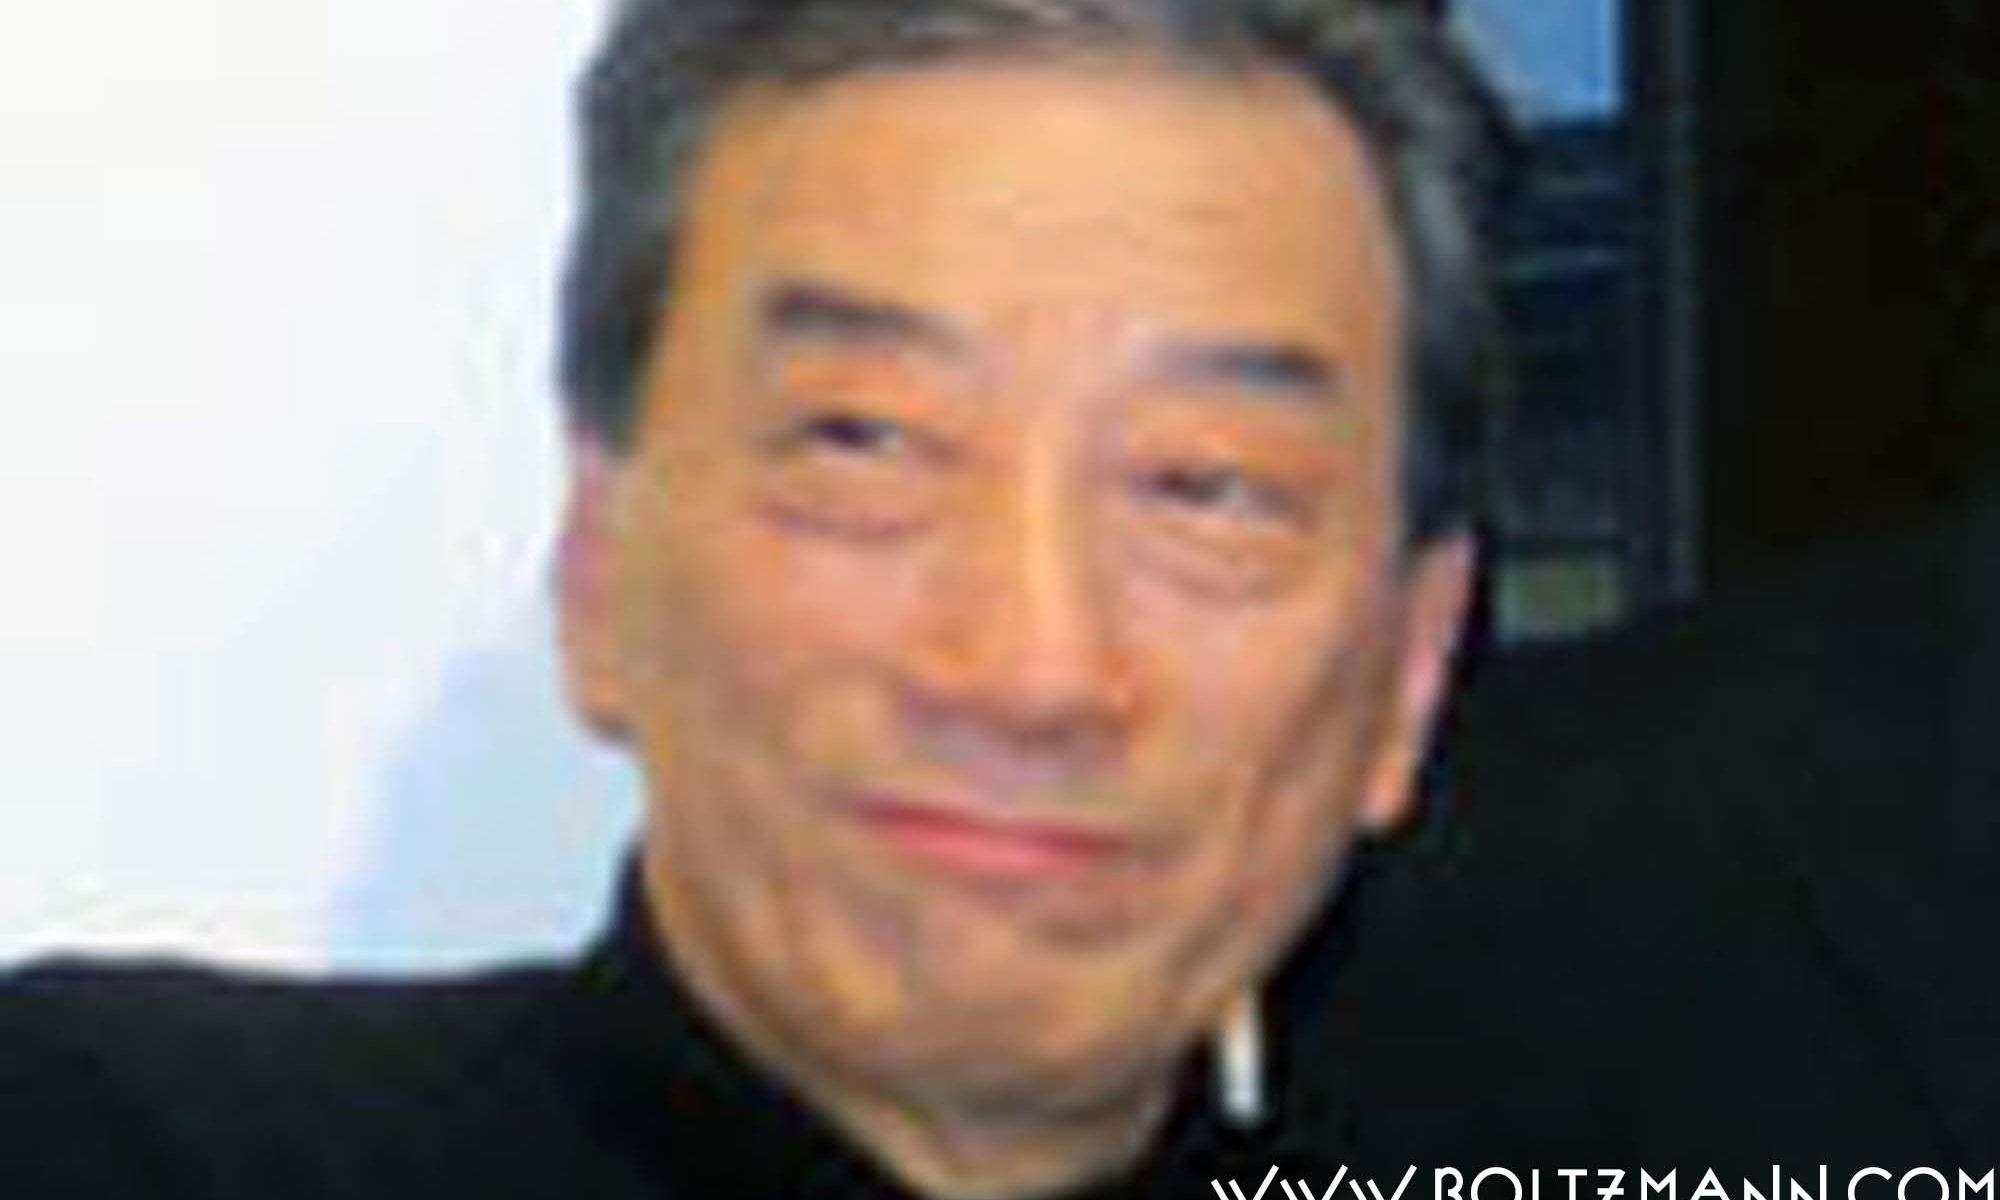 Kiyoshi Kurokawa